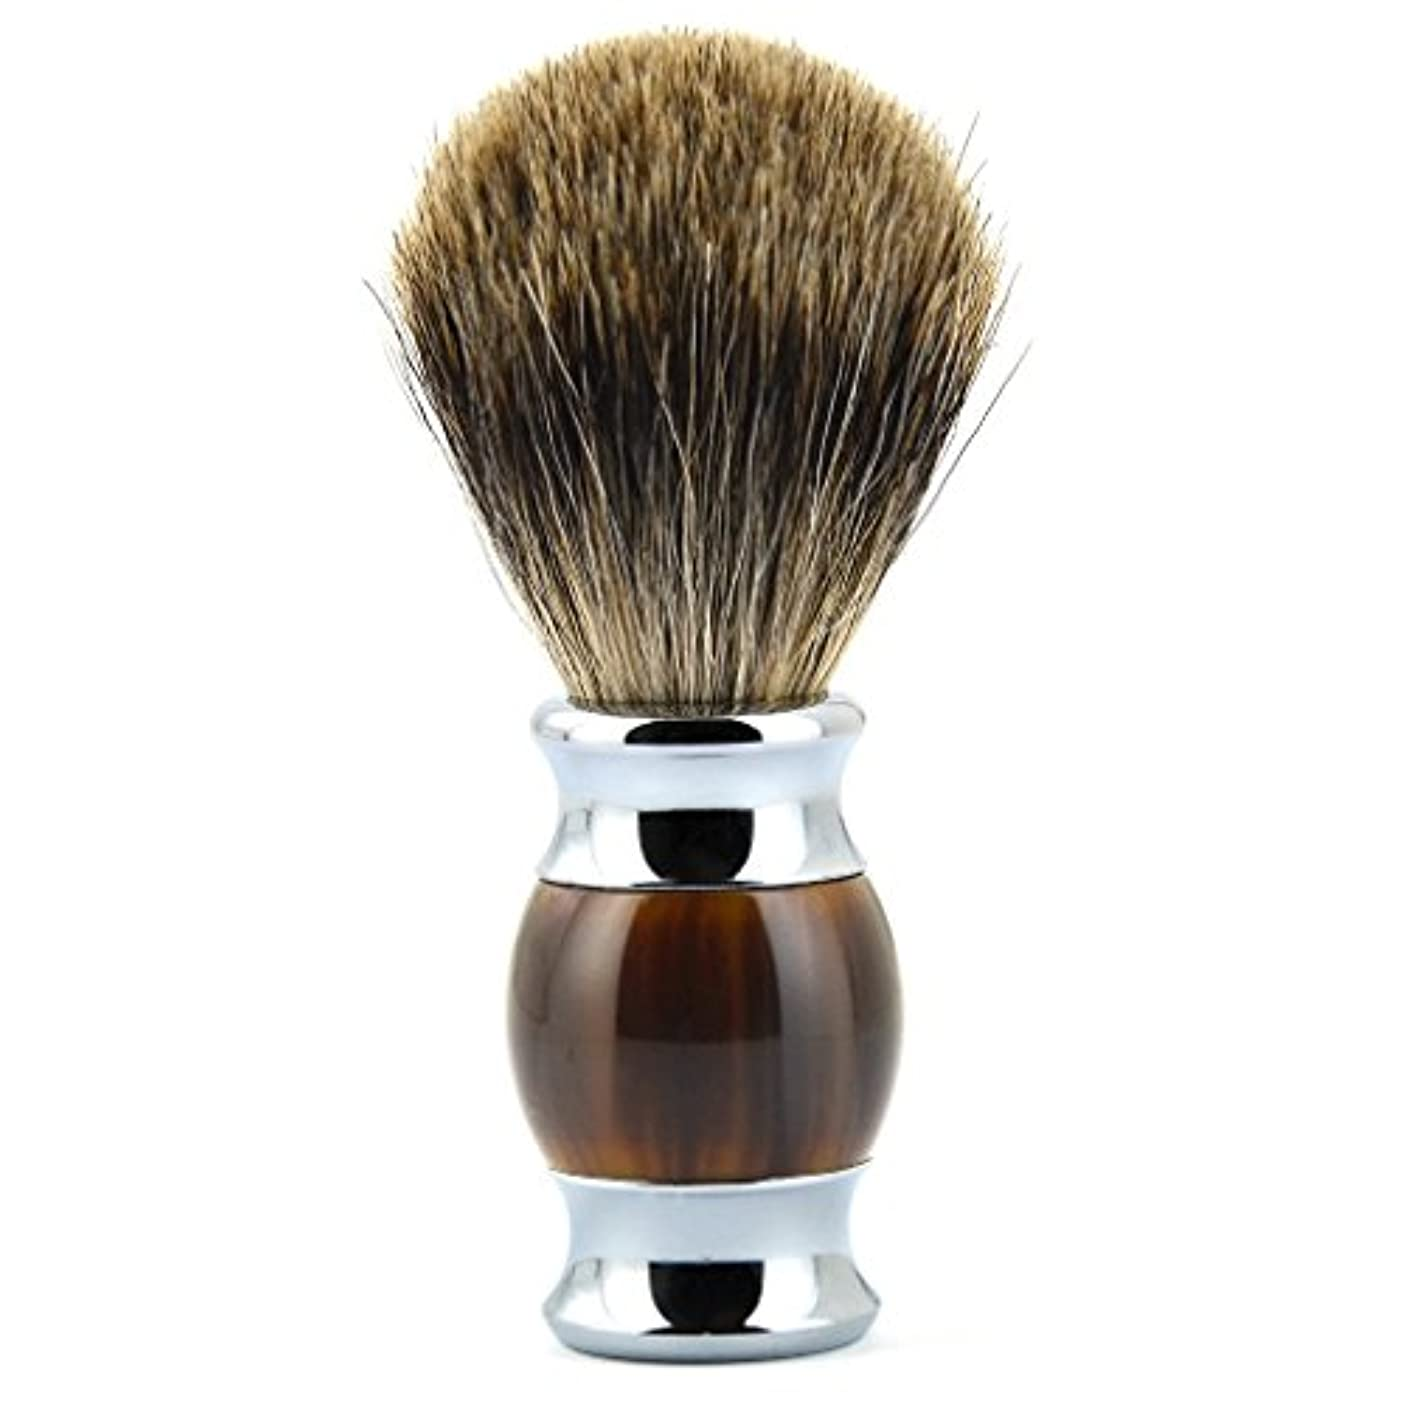 別の人に関する限り想像力Arichops ひげブラシ シェービング ブラシ シェービング用ブラシ メンズ 100% アナグマ毛 理容 洗顔 髭剃り 泡立ち